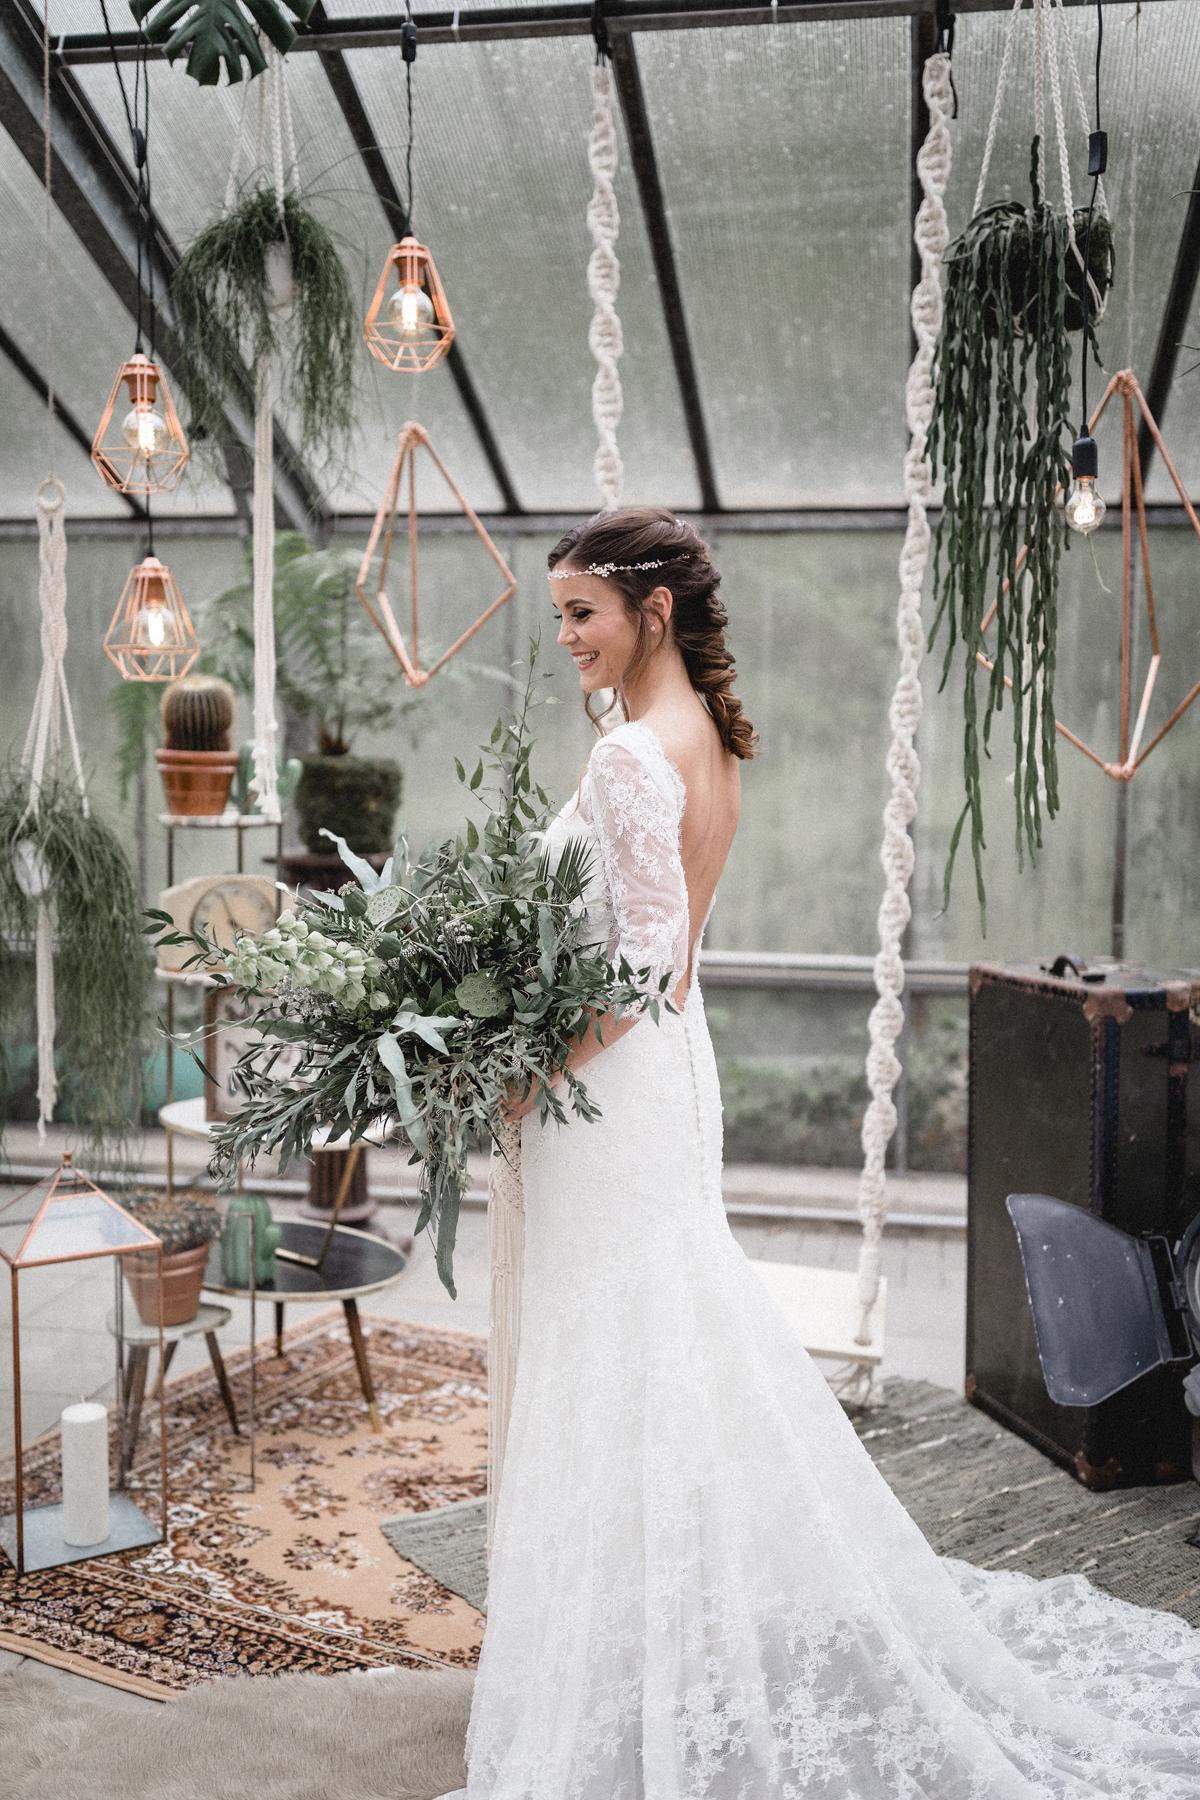 Andreas_Nusch_Hochzeitsfotografie_Brautshooting_2017_JA-Hochzeitsshop_0117